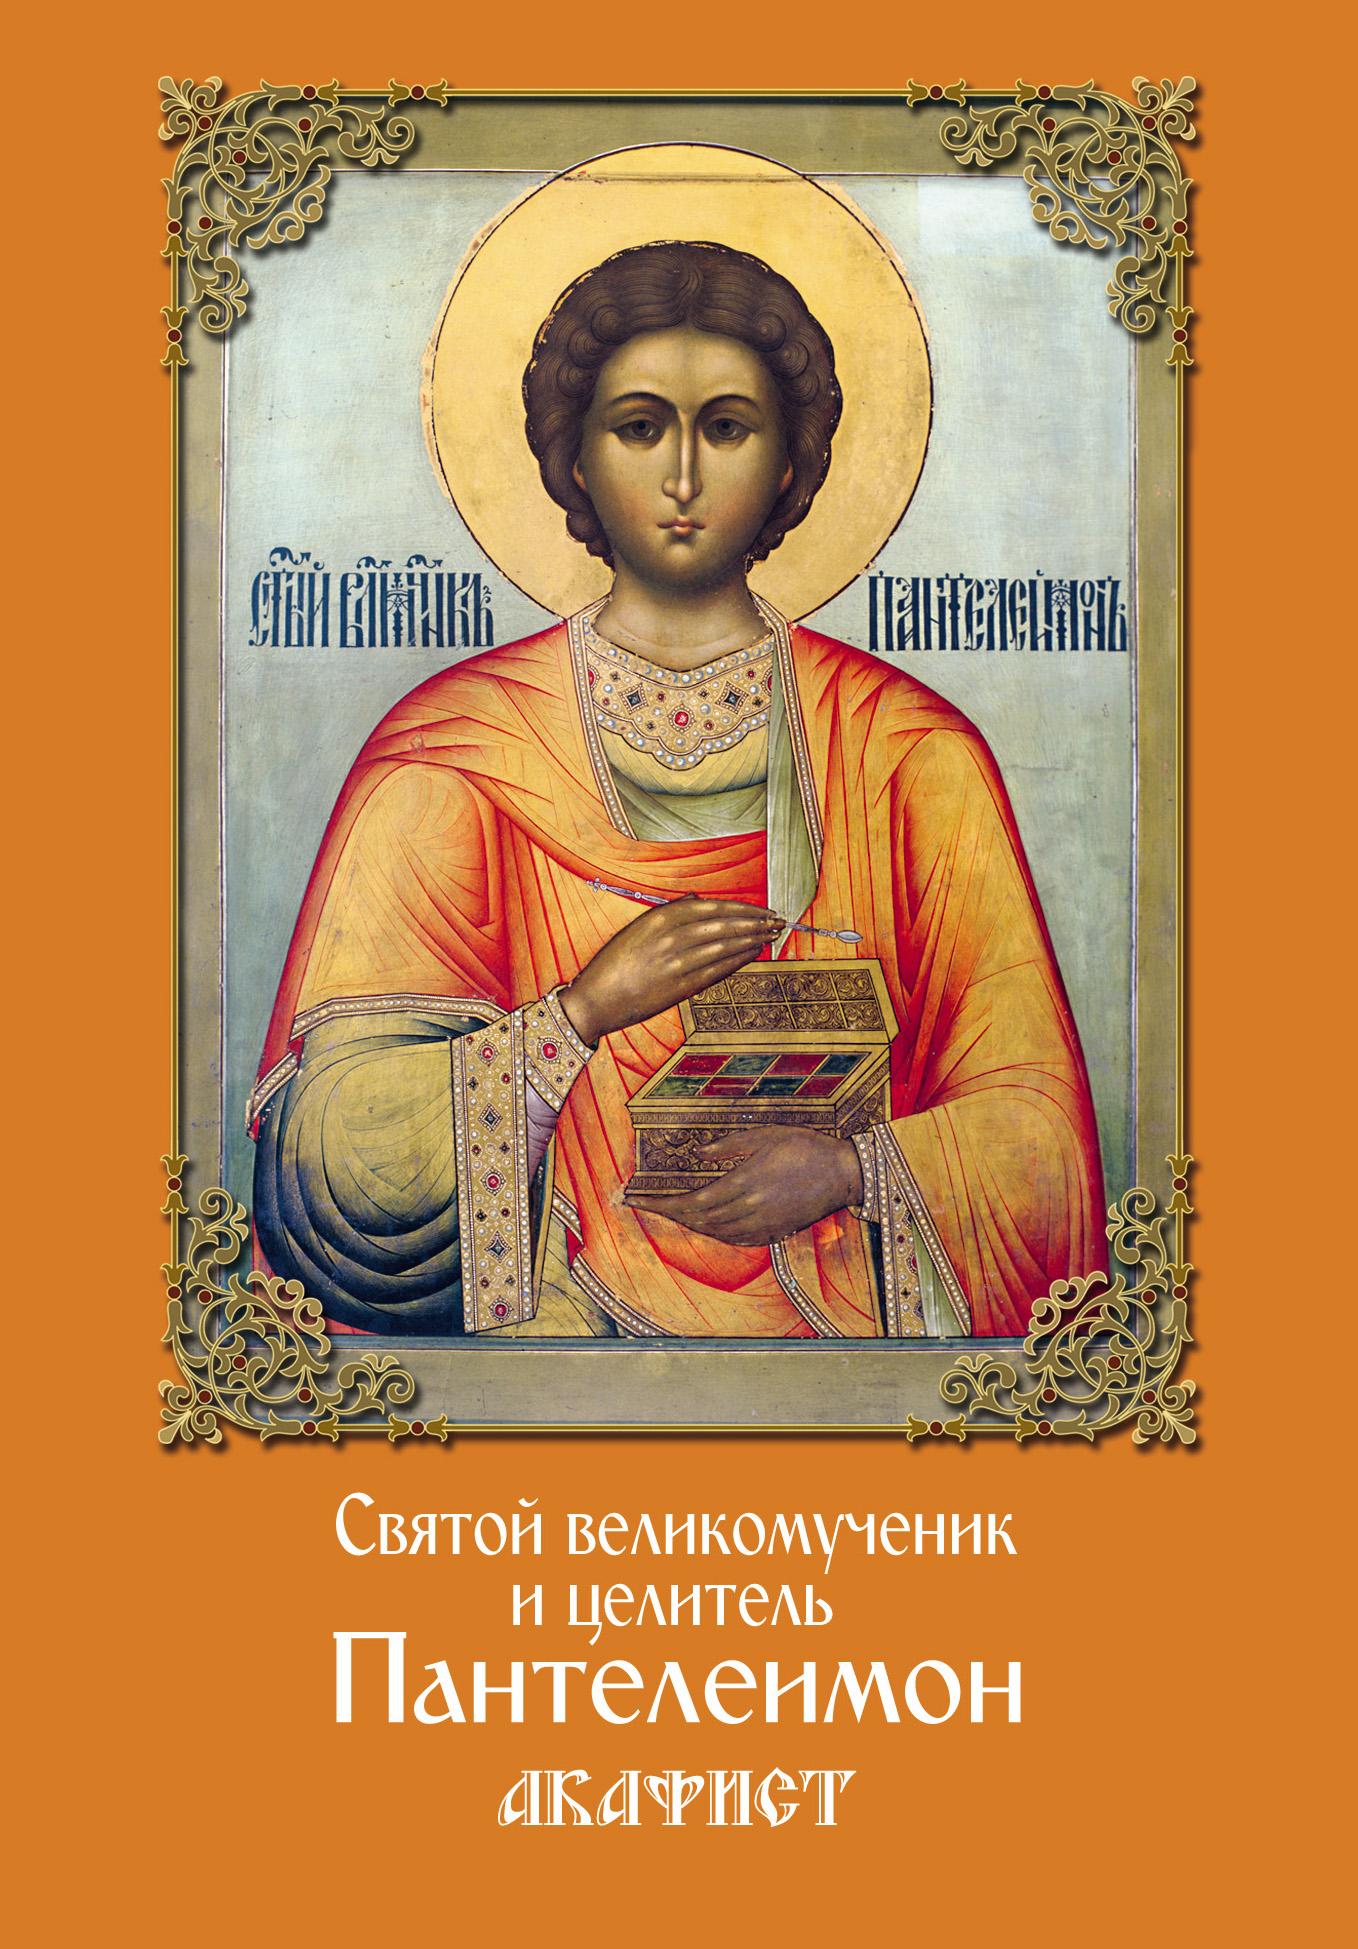 svyatoy velikomuchenik i tselitel panteleimon akafist